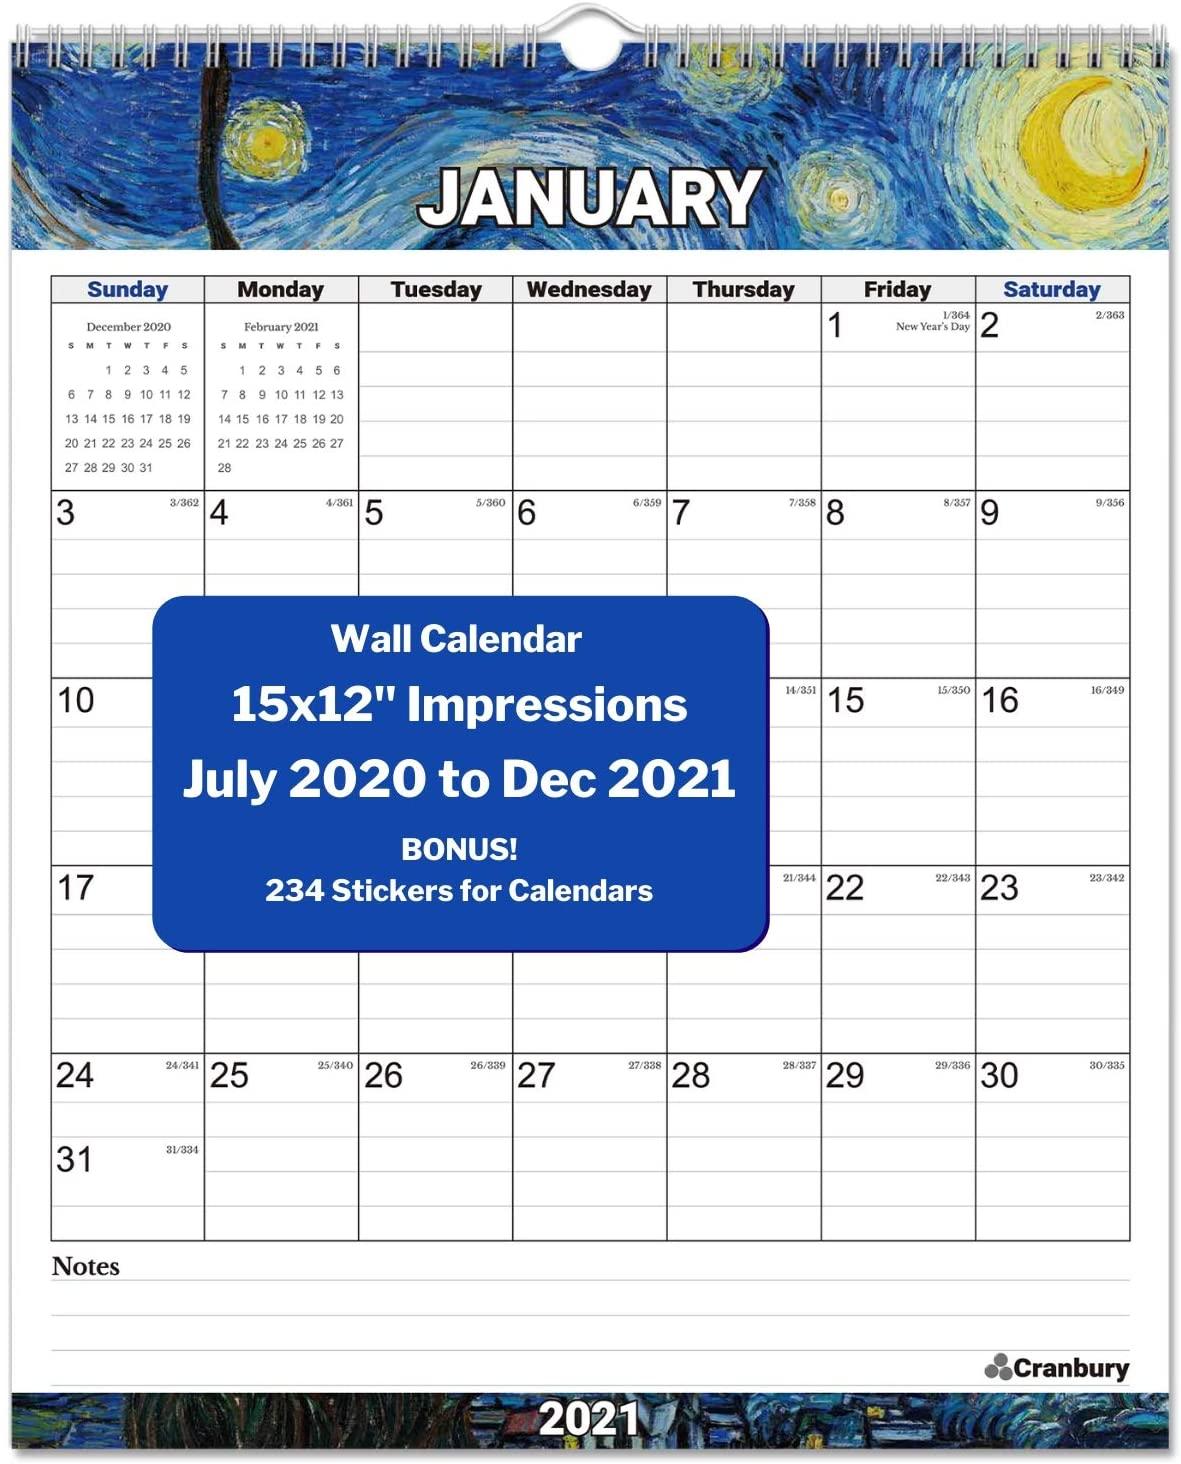 CRANBURY Vertical Wall Calendar 2020-2021 - (Impressions) Big Wall Calendar 2020 2021 12x14.5